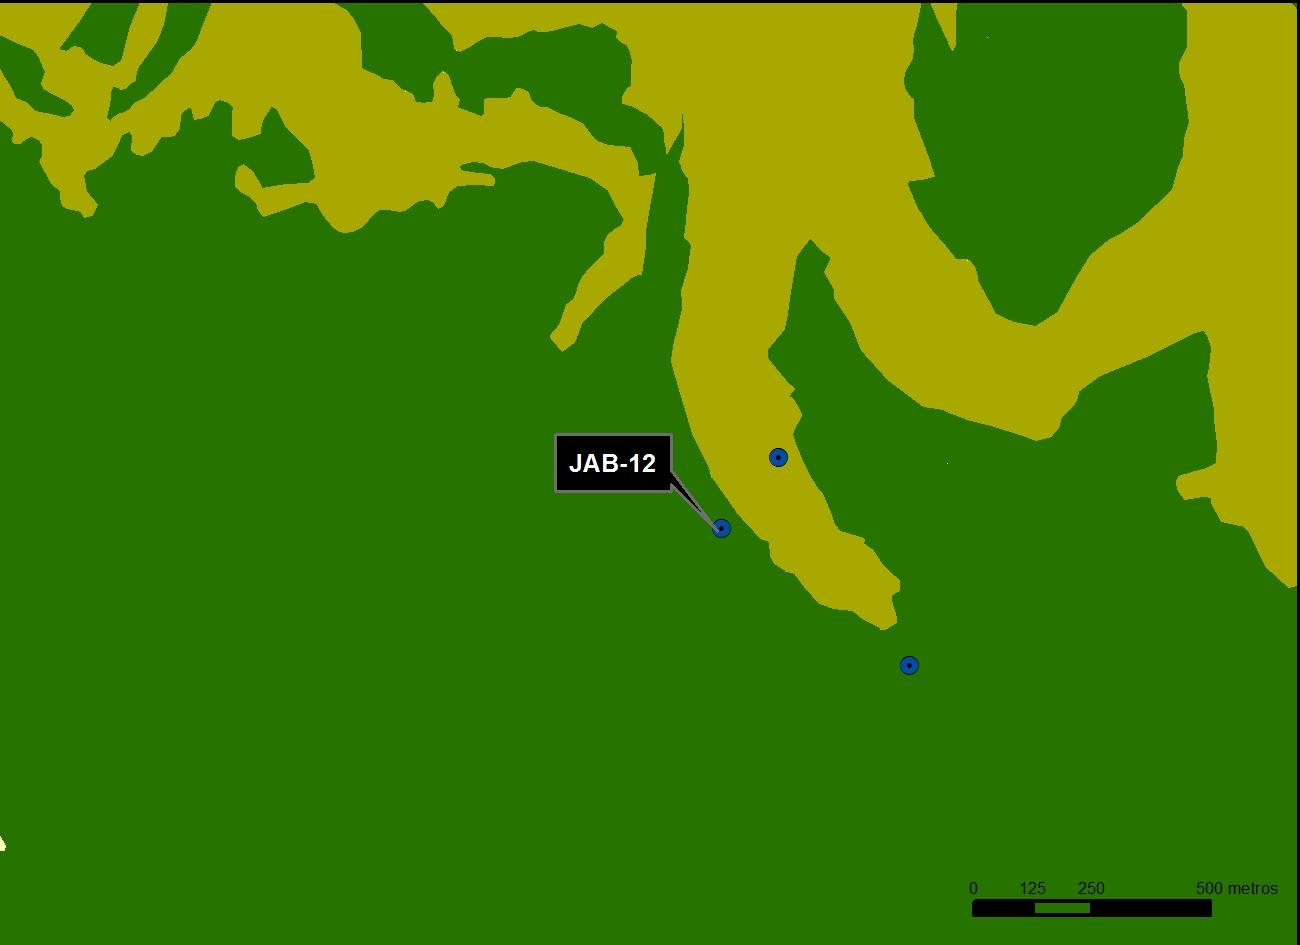 JAB_12_M.V.LOZANO_CALZADA_MAP.VEG